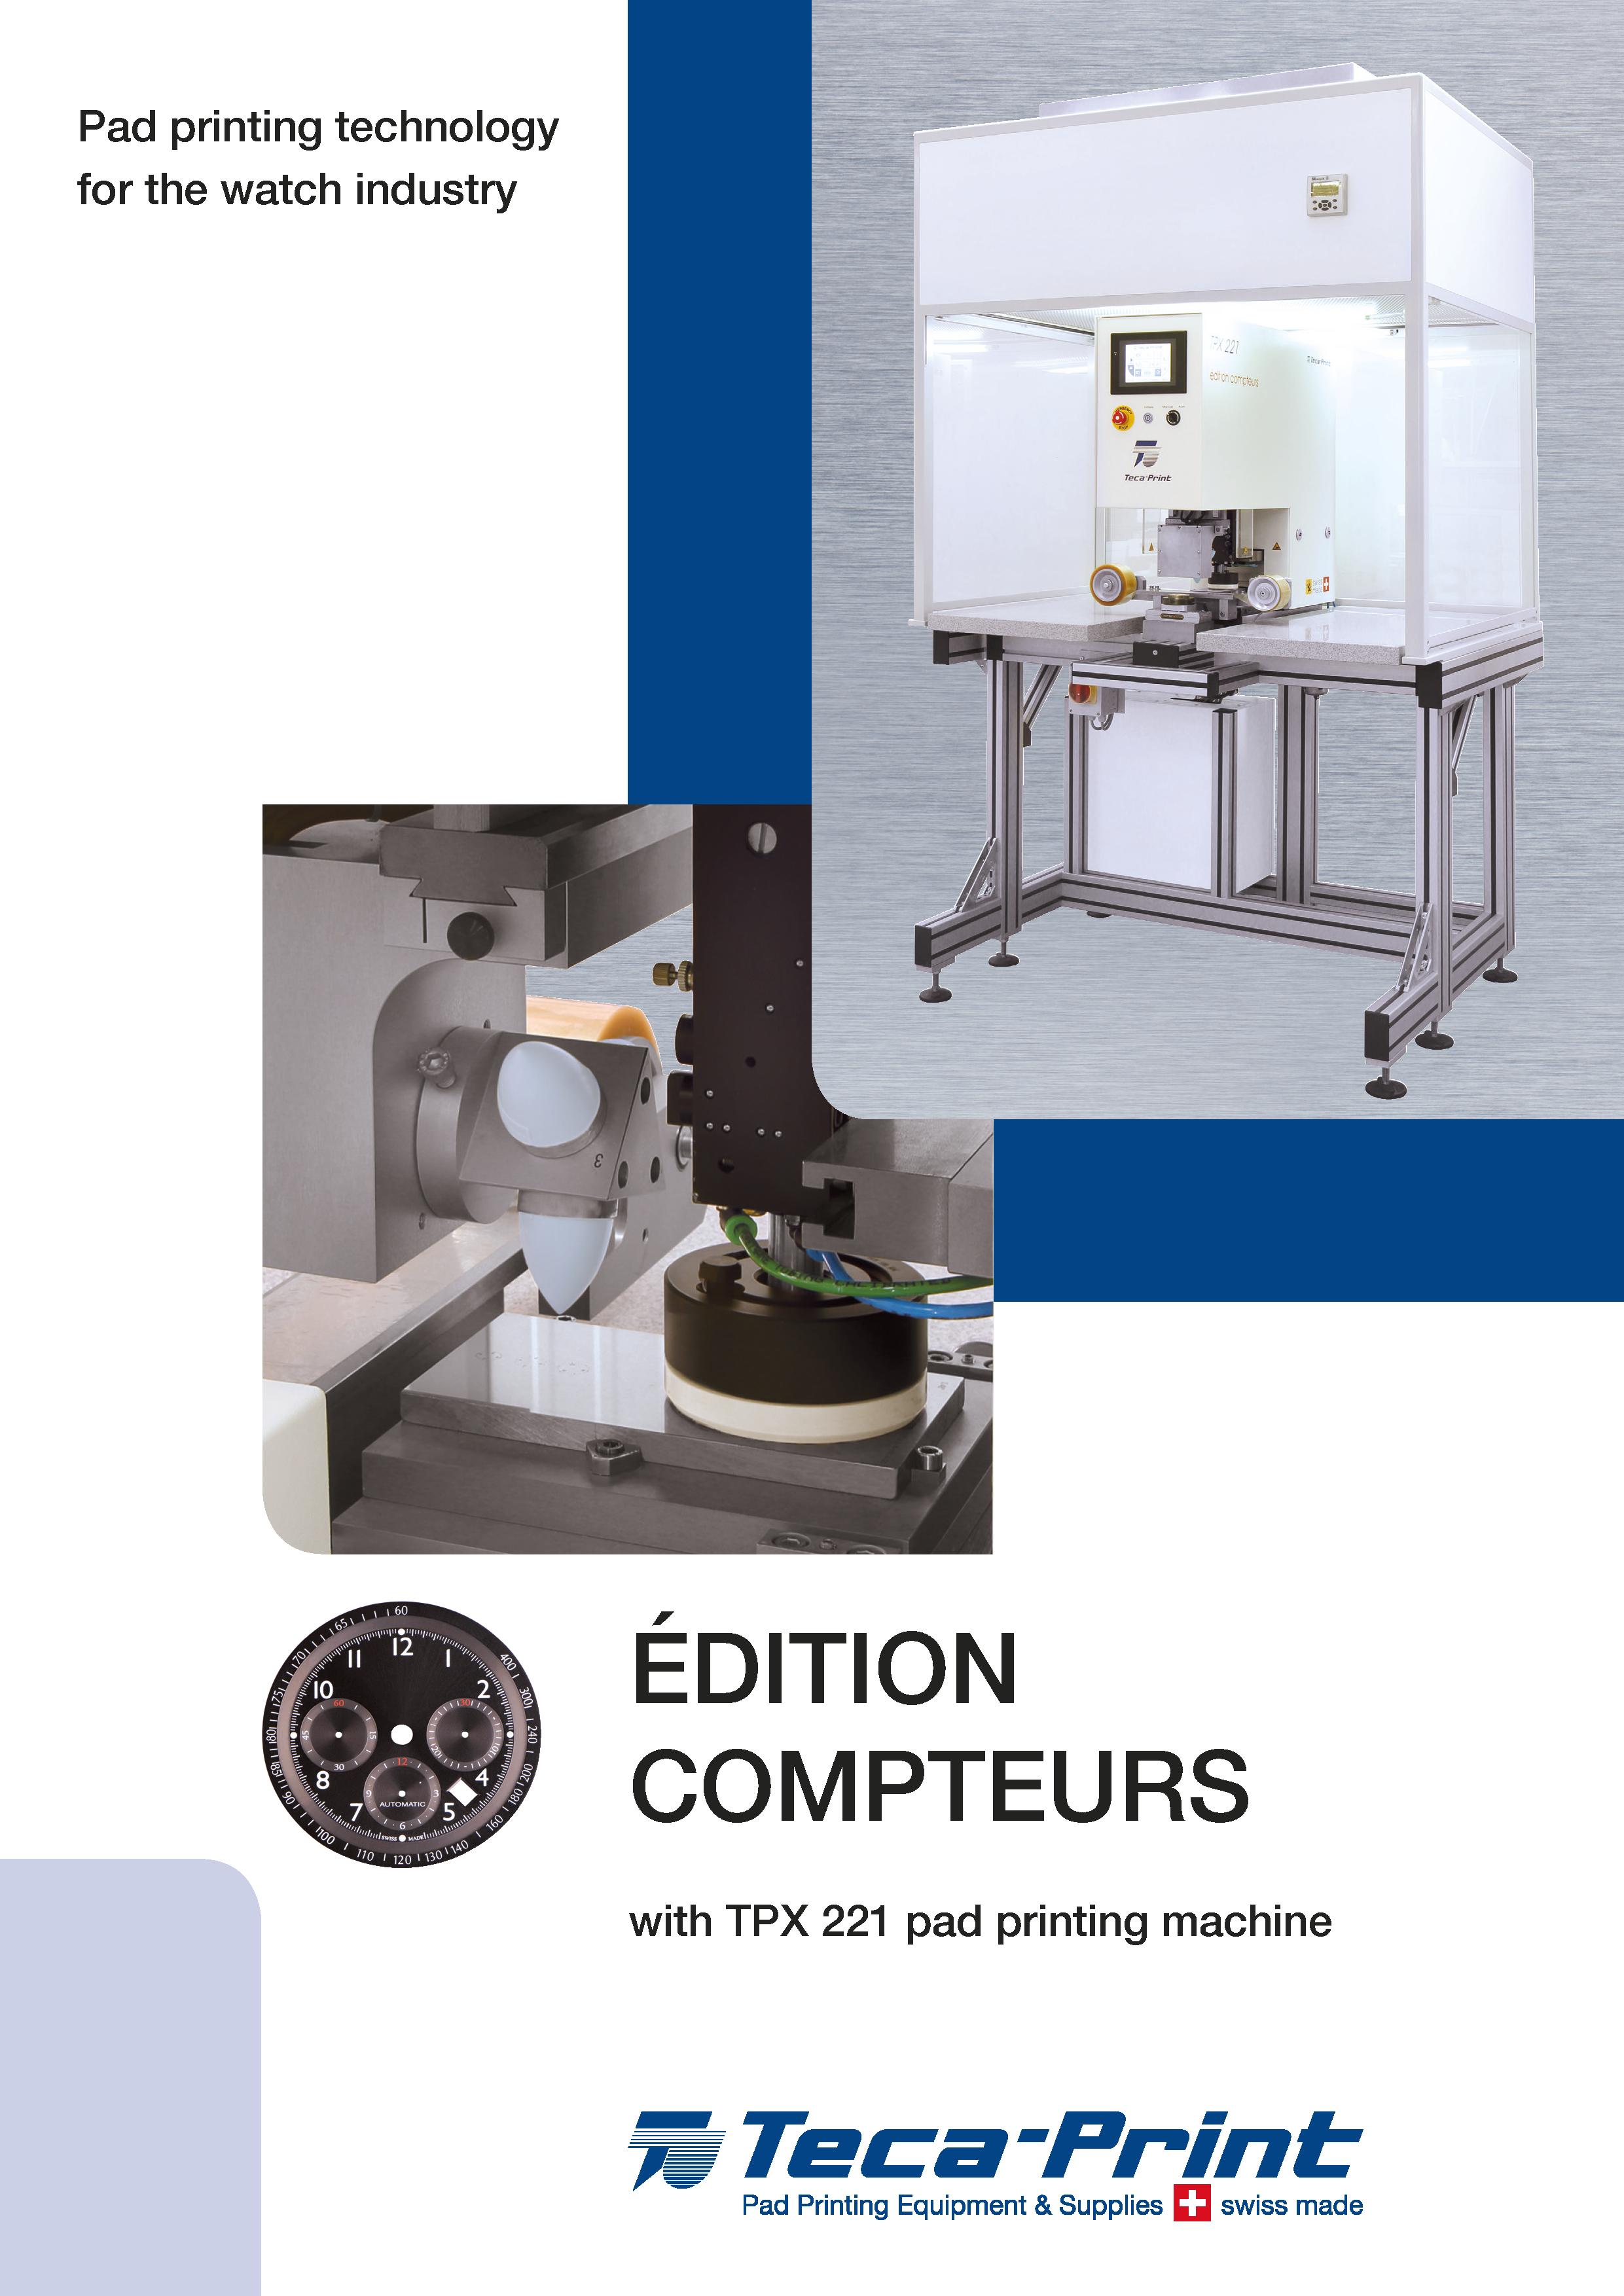 TPX _221_Edition_Compteurs_EN_Page_1.png